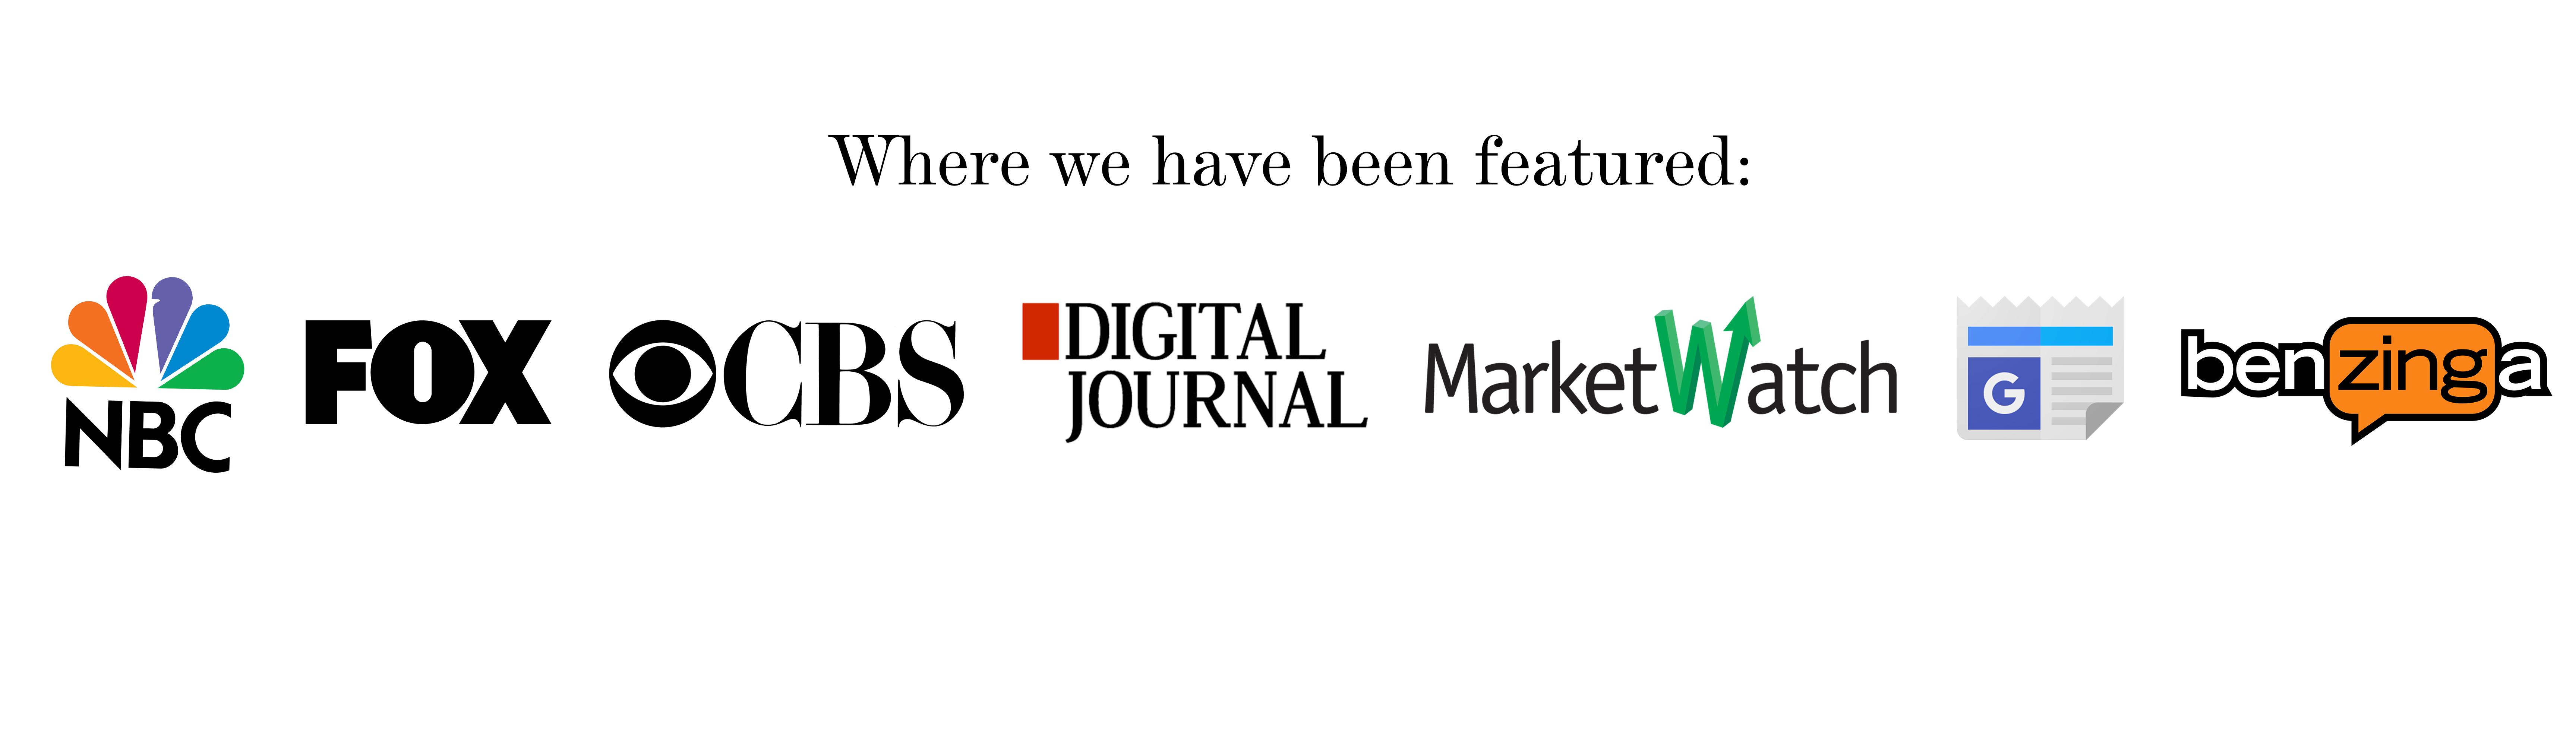 featured media